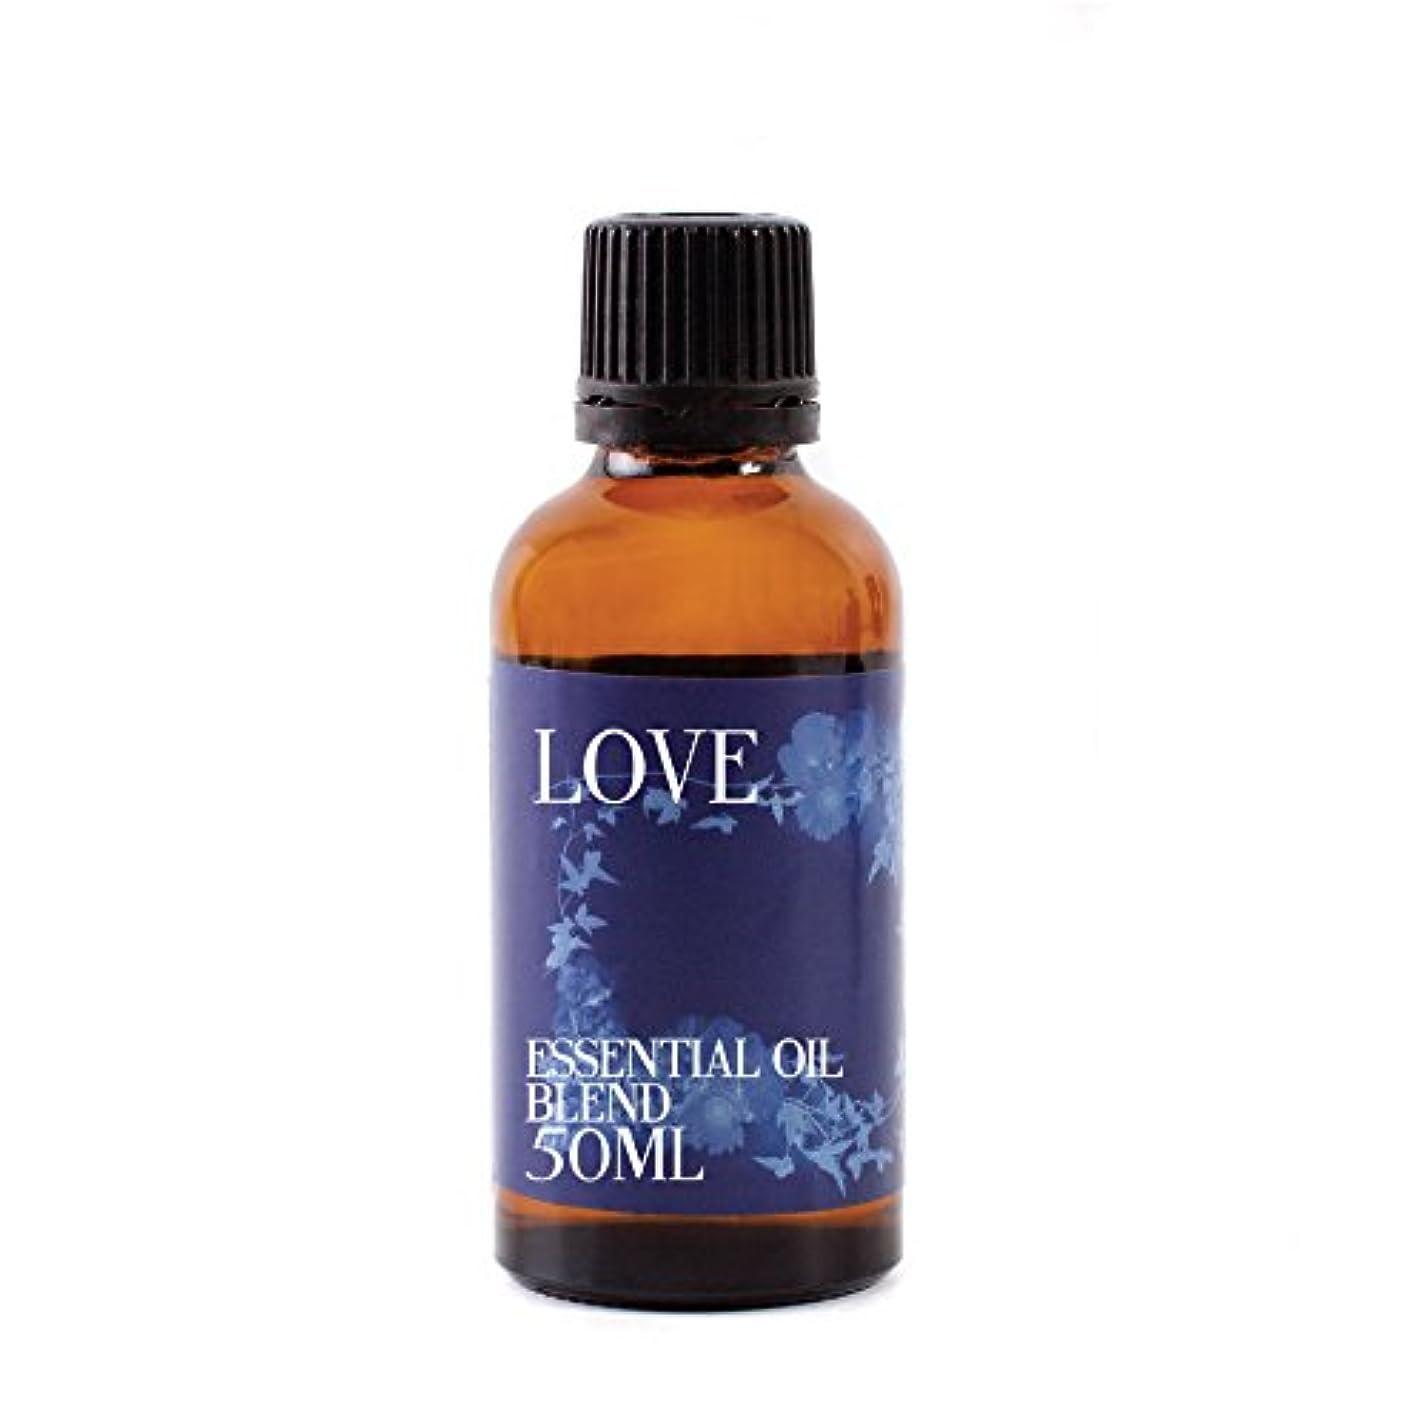 アラート重要な役割を果たす、中心的な手段となる推測Mystic Moments | Love Essential Oil Blend - 50ml - 100% Pure